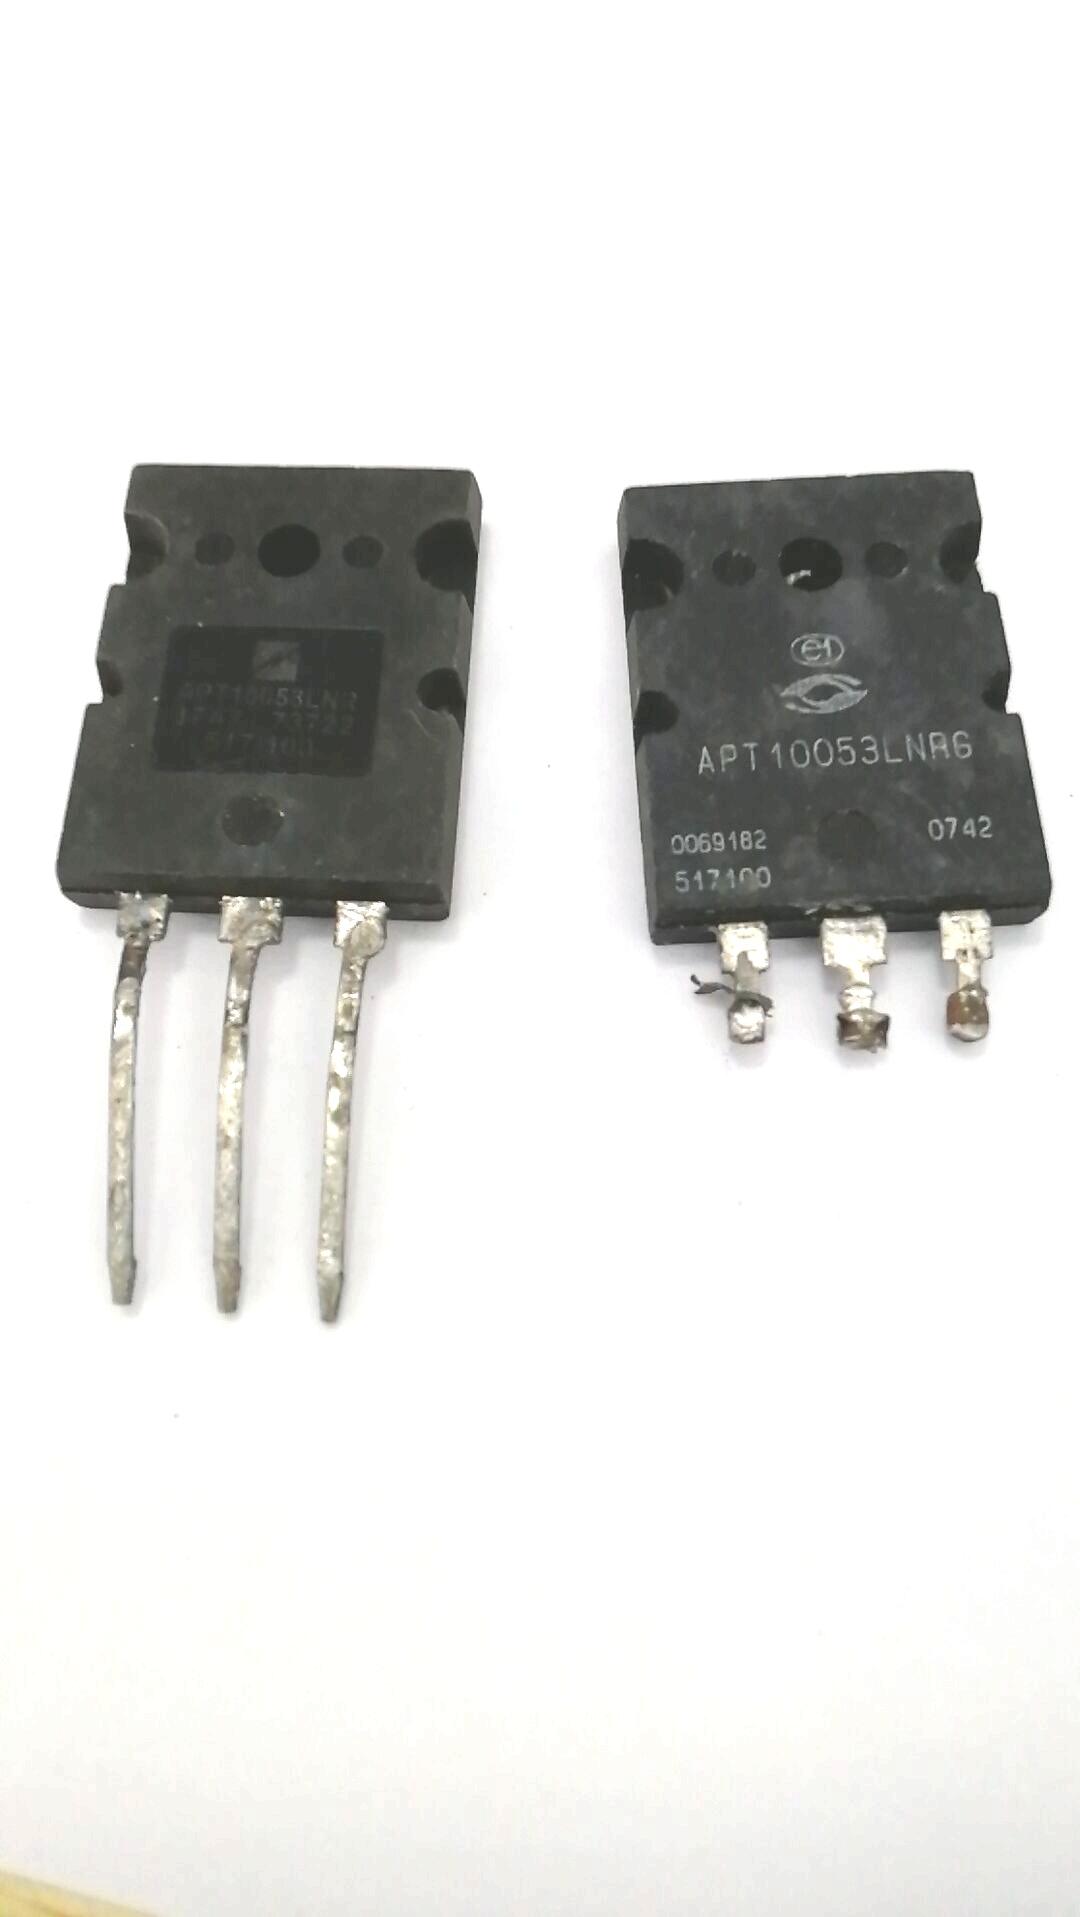 apt10053lnrg测试正常1原装拆机